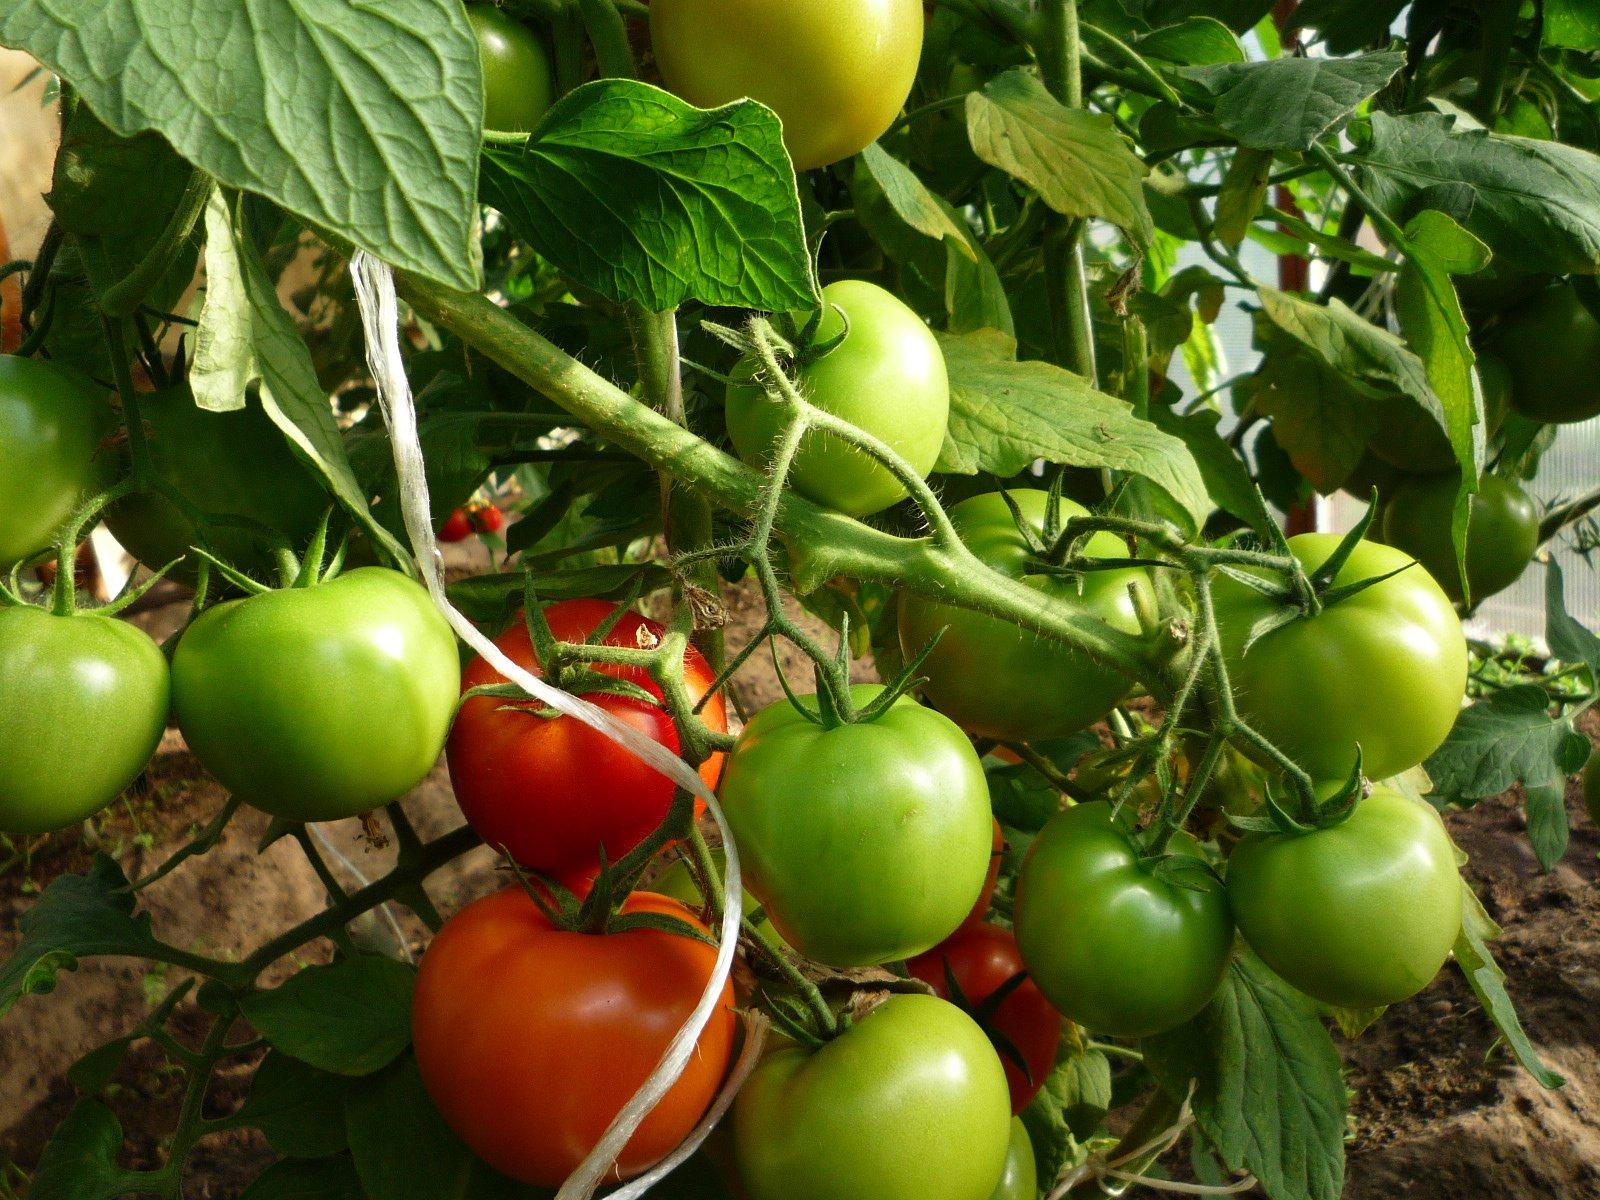 Картинки томатов в теплицах